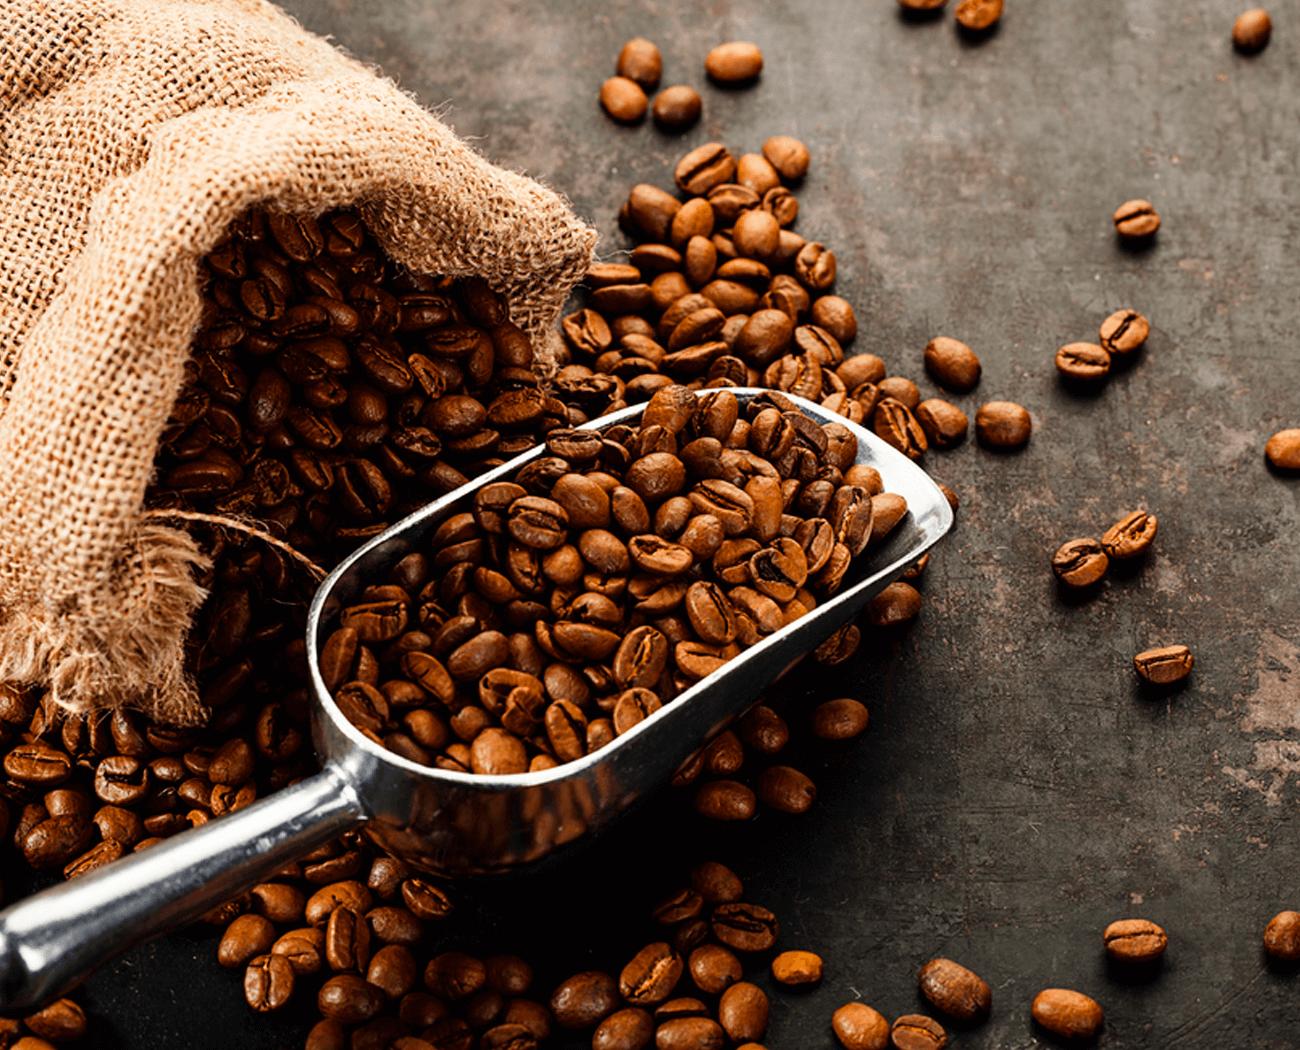 Descubra a diferença entre Café Arábica e Café Robusta